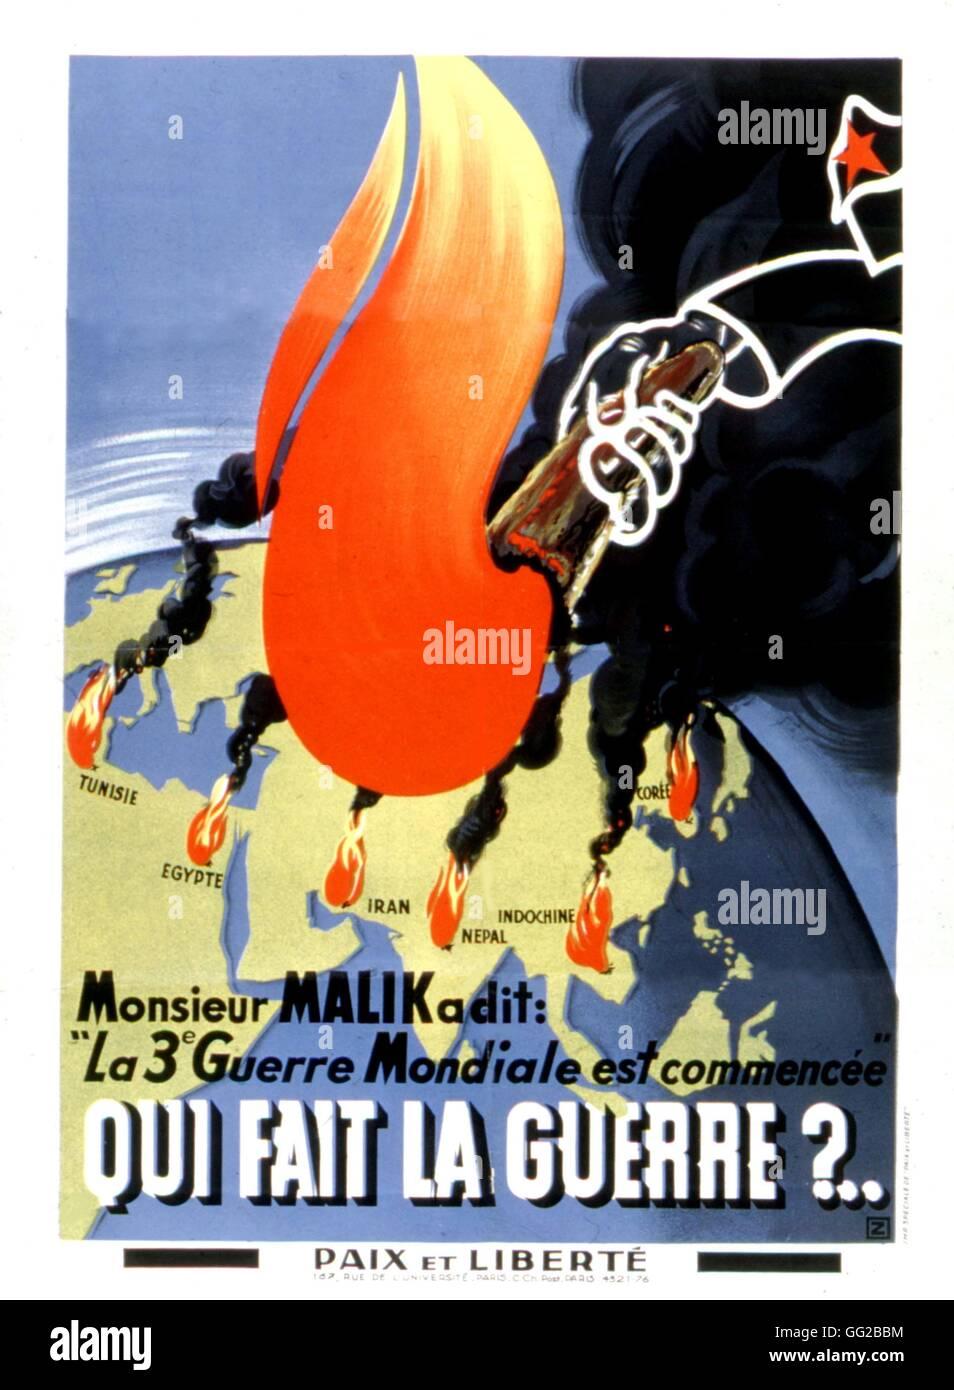 """Cartel del movimiento """"Paz y Libertad"""". Y antisoviet propaganda anticomunista durante la Guerra Fría Imagen De Stock"""